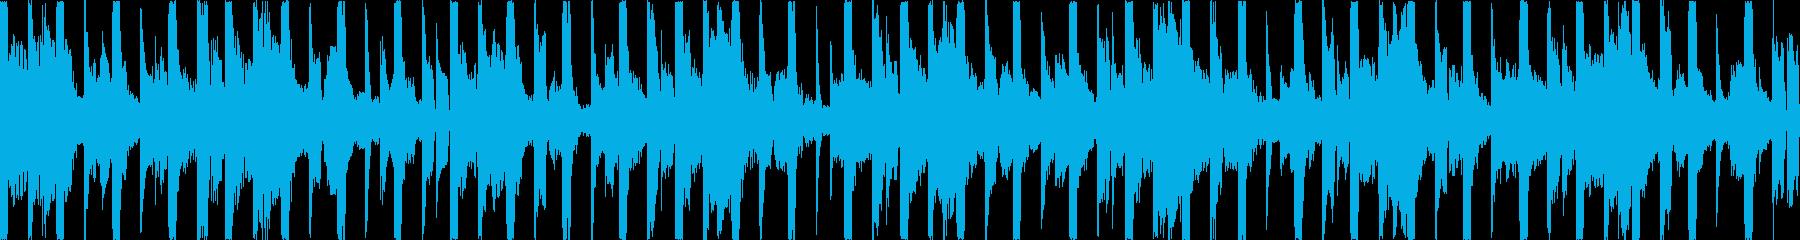 淡々とした無機質なBGMの再生済みの波形